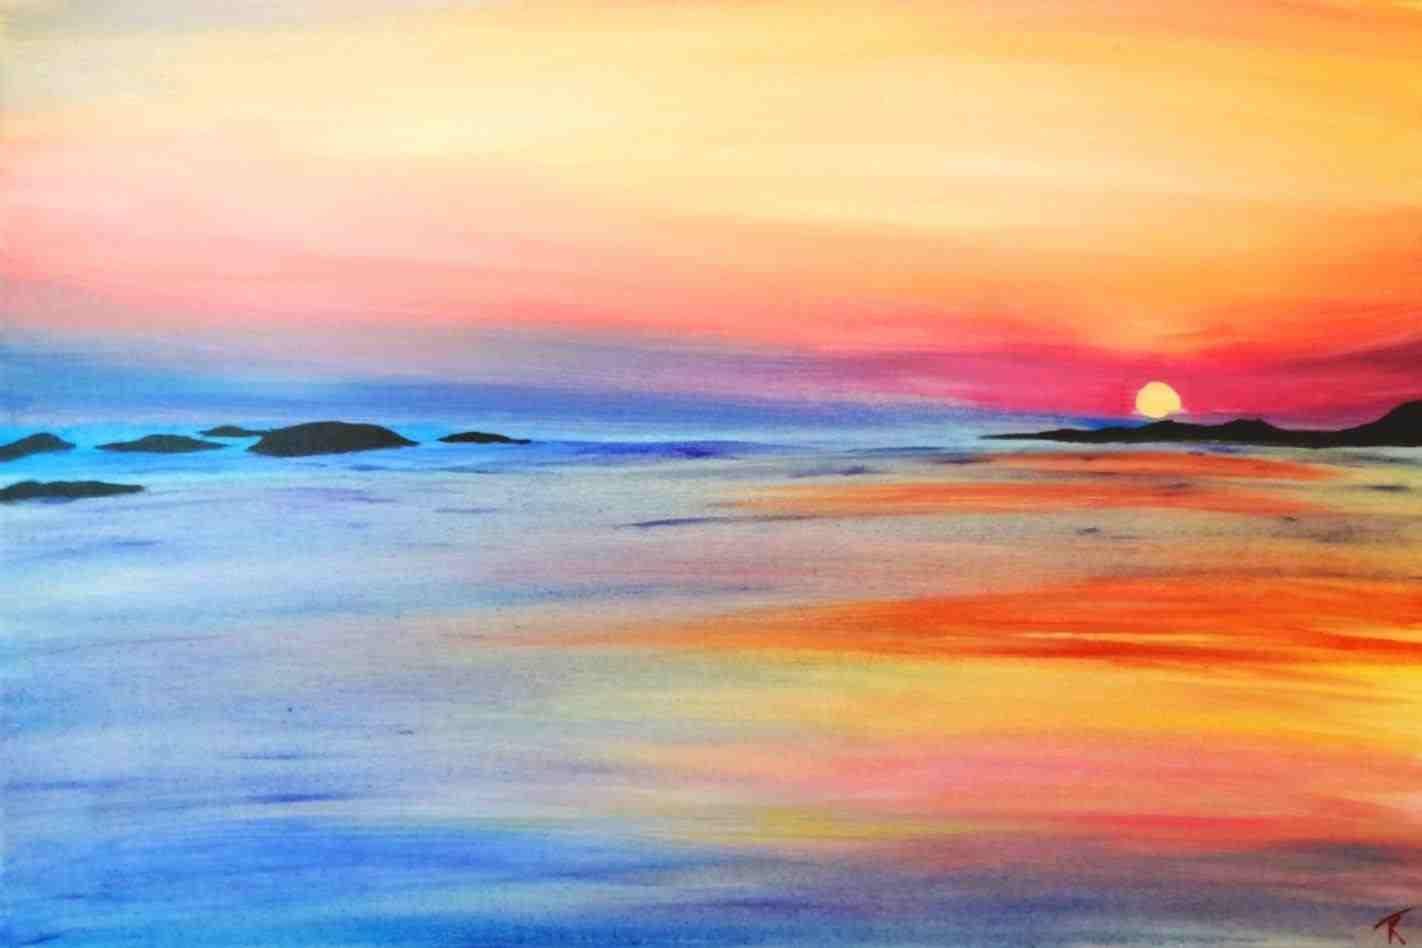 Pinterest Watercolor Beach Easy Ocean Painting Sunset Painting Beach Sunset Painting